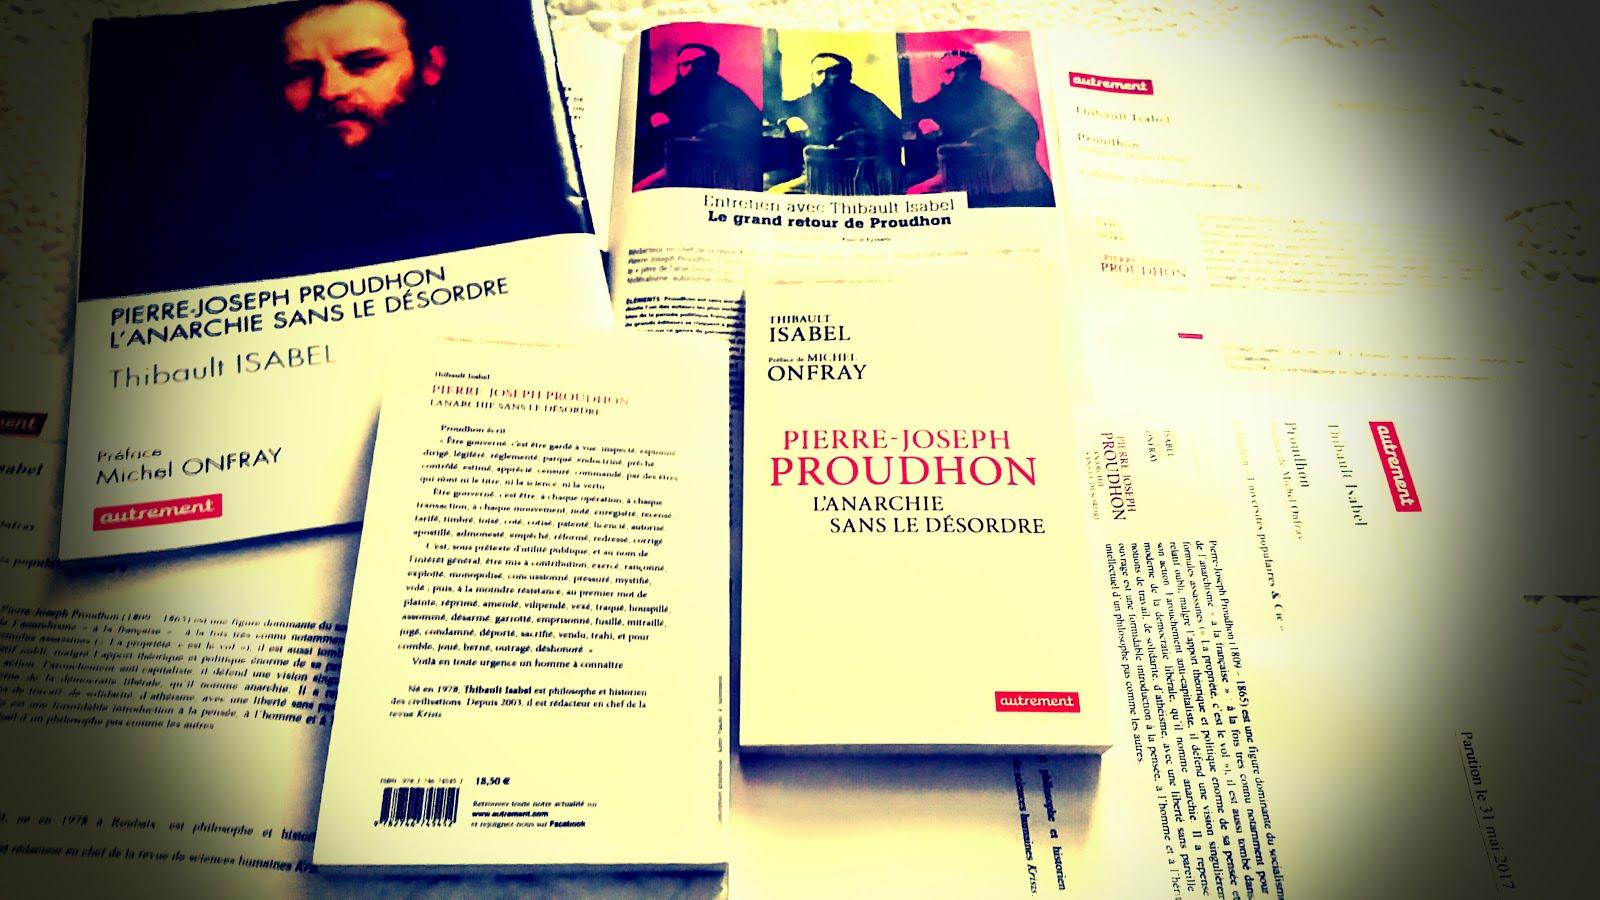 Nouveau : La page Facebook du livre Proudhon